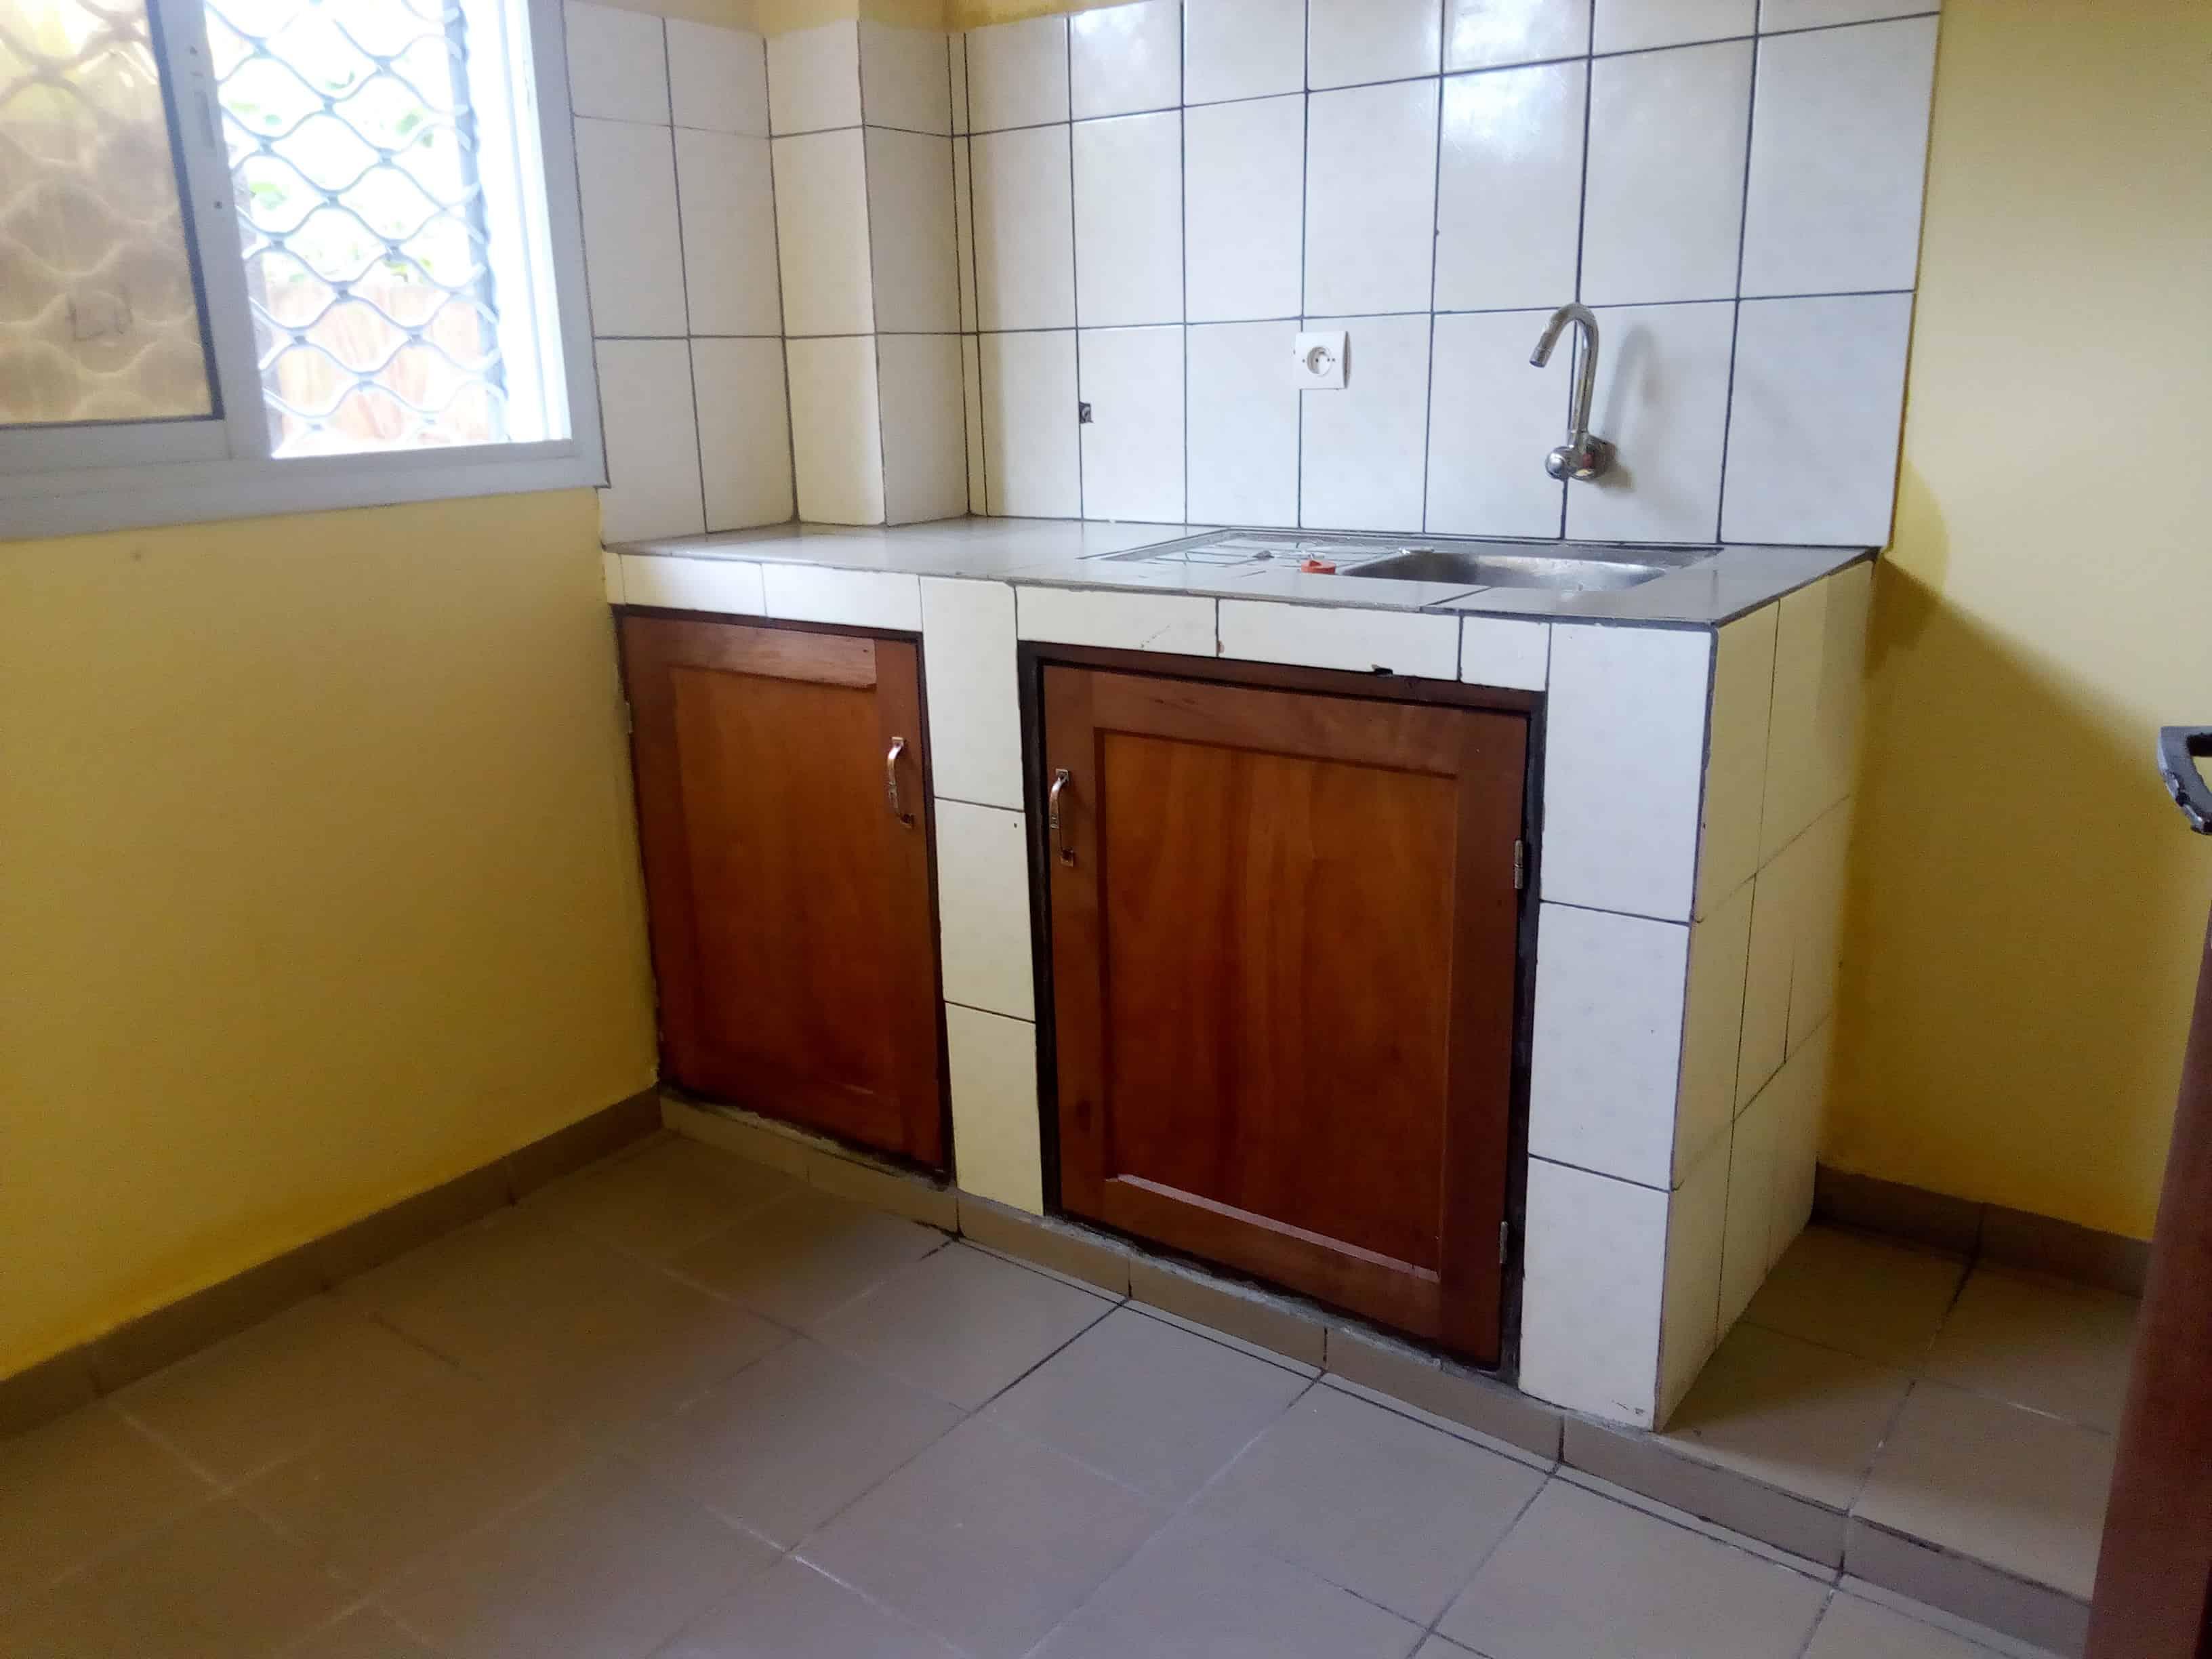 Apartment to rent - Douala, Bonamoussadi, Neuf - 1 living room(s), 2 bedroom(s), 2 bathroom(s) - 150 000 FCFA / month